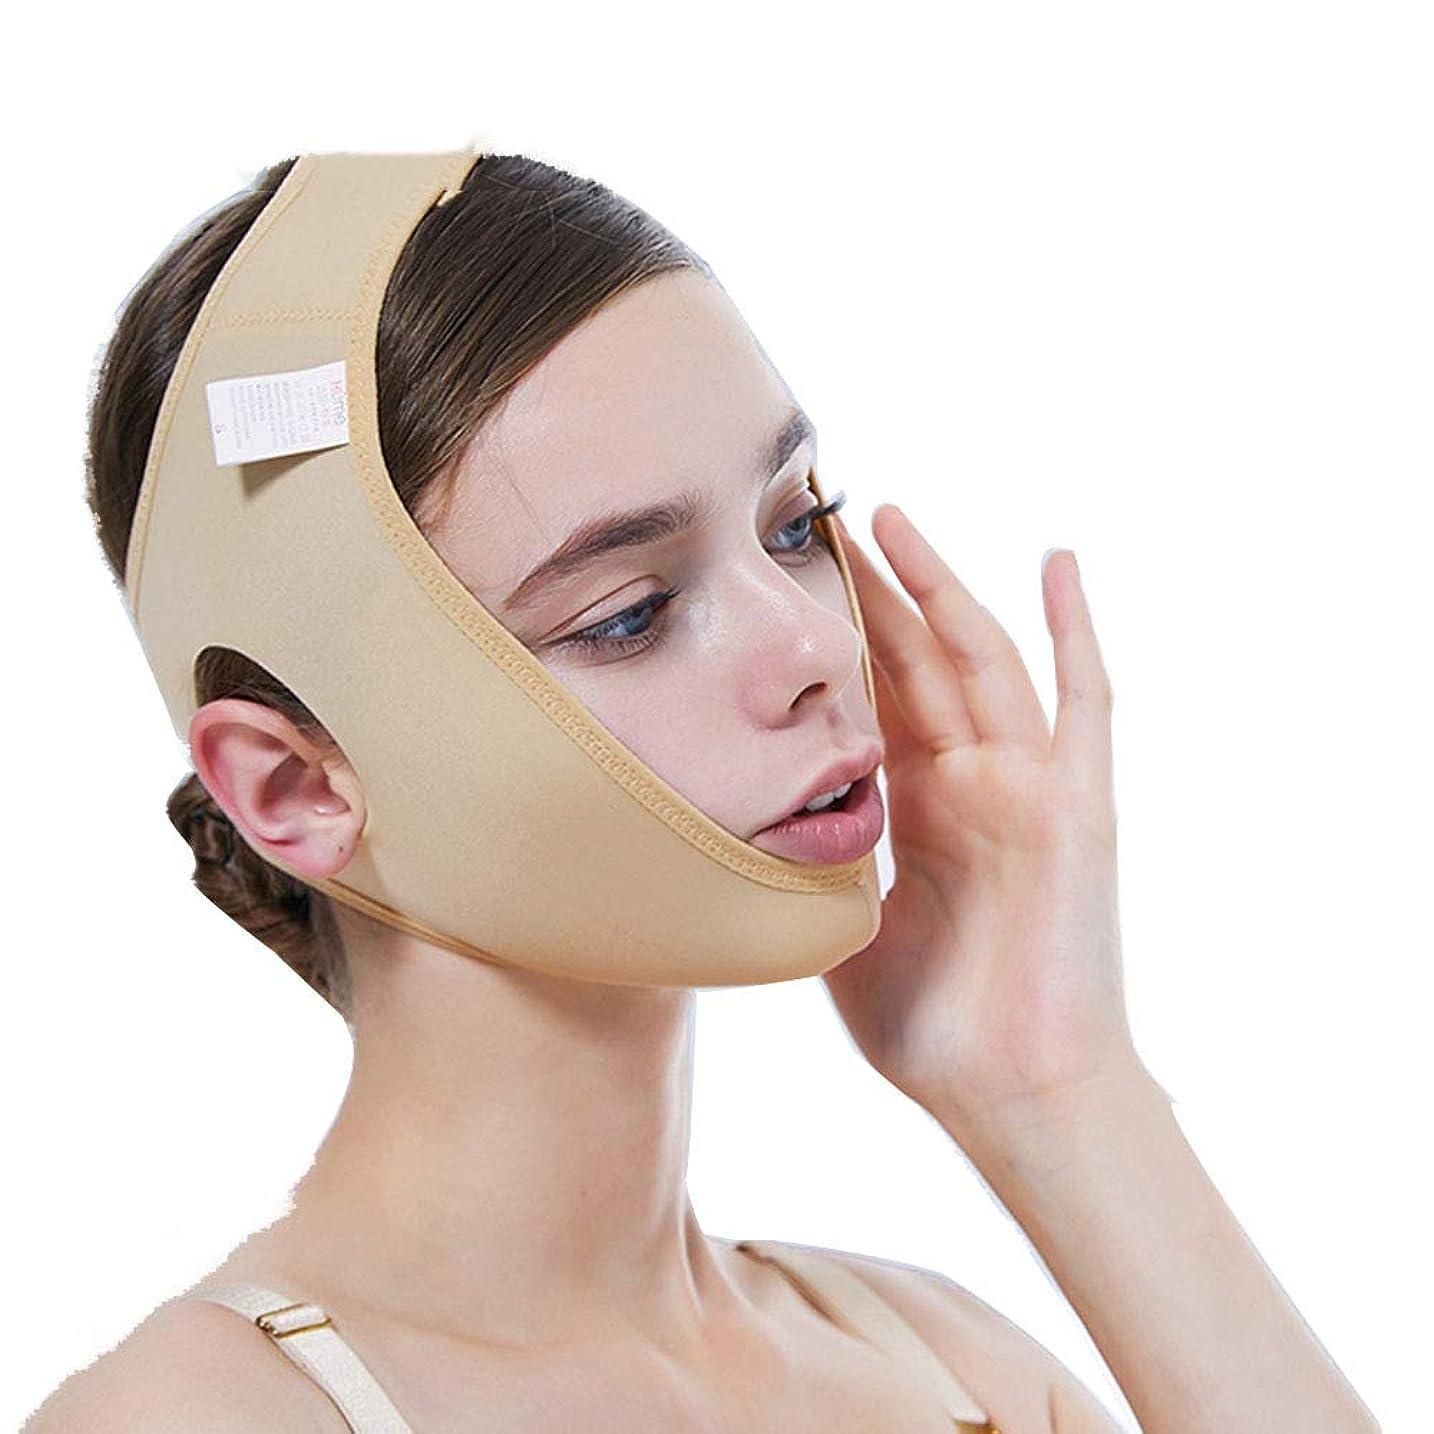 インシデント修正する逆説フェイスリフトマスク、薄型ダブルチンアーティファクト/vフェイスビームフェイス/あご手術セット/フェイスマスク(カラー),XXL